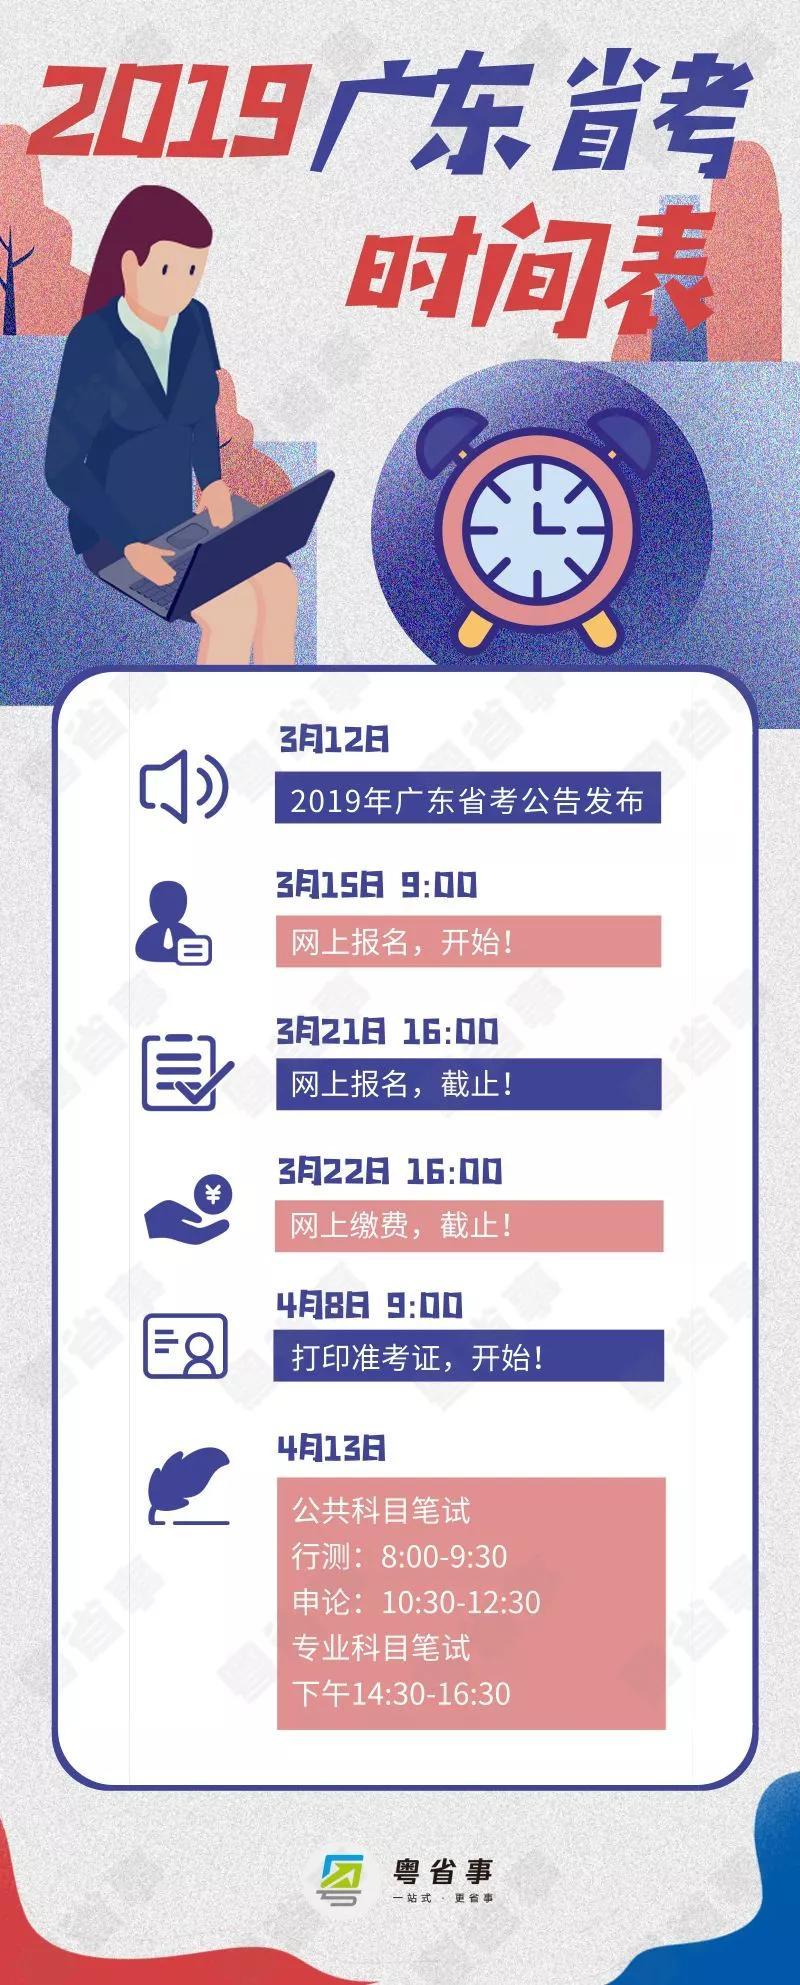 2019年广东省公务员招考啦!快来报名!大专也能报考哦!(附职位表)